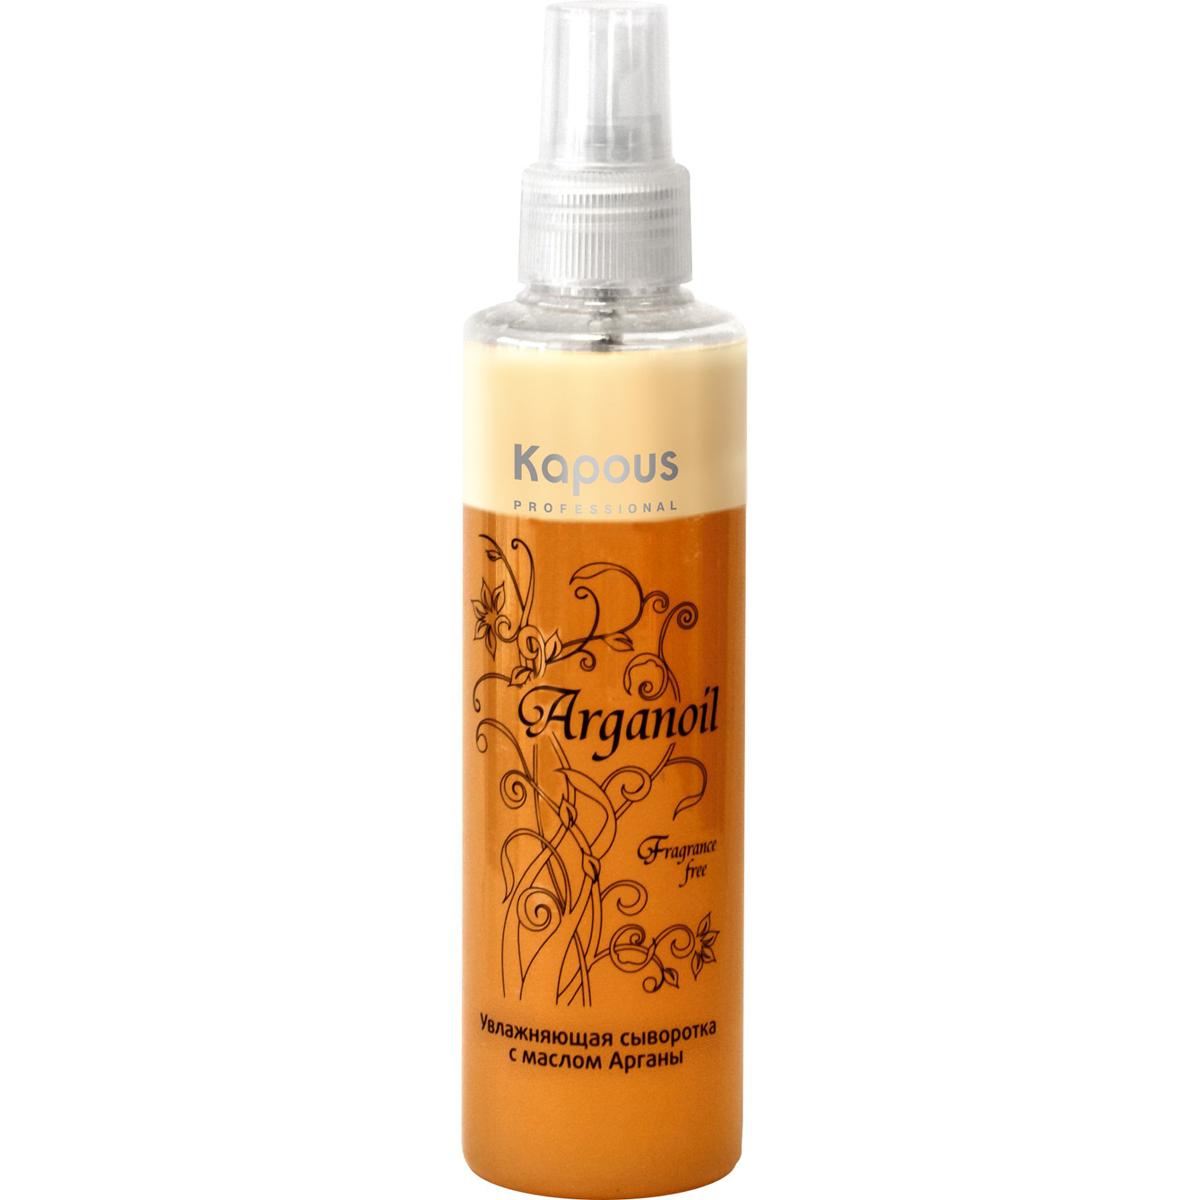 Kapous Увлажняющая сыворотка с маслом арганы Arganoil 200 млKap323Двухфазная сыворотка Kapous Arganoil на основе масла Арганы, кератина и молочной аминокислоты разработана специально для увлажнения и восстановления волос всех типов. Новая формула эффективно защищает волосы от негативного воздействия агрессивных факторов внешней среды, обеспечивая интенсивное увлажнение. Масло Арганы богато полиненасыщенными жирными кислотами, которые оказывают продолжительный увлажняющий эффект и укрепляют волосы, делая их более эластичными и блестящими. Природные антиоксиданты(полифенолы и токоферолы) защищают волосы от воздействия свободных радикалов, витамины А и Е стимулируют усиленную регенерацию клеток, реконструируют внутреннюю структуру, максимально напитывая волосы и возвращая эластичность и силу. Молочная аминокислота способствует процессам регенерации и обновлению клеток кожи и является регулятором гидробаланса кожи головы и волос. УФ-фильтры защищают волосы от негативного воздействия солнца, тем самым предотвращая преждевременное выгорание цвета, что...